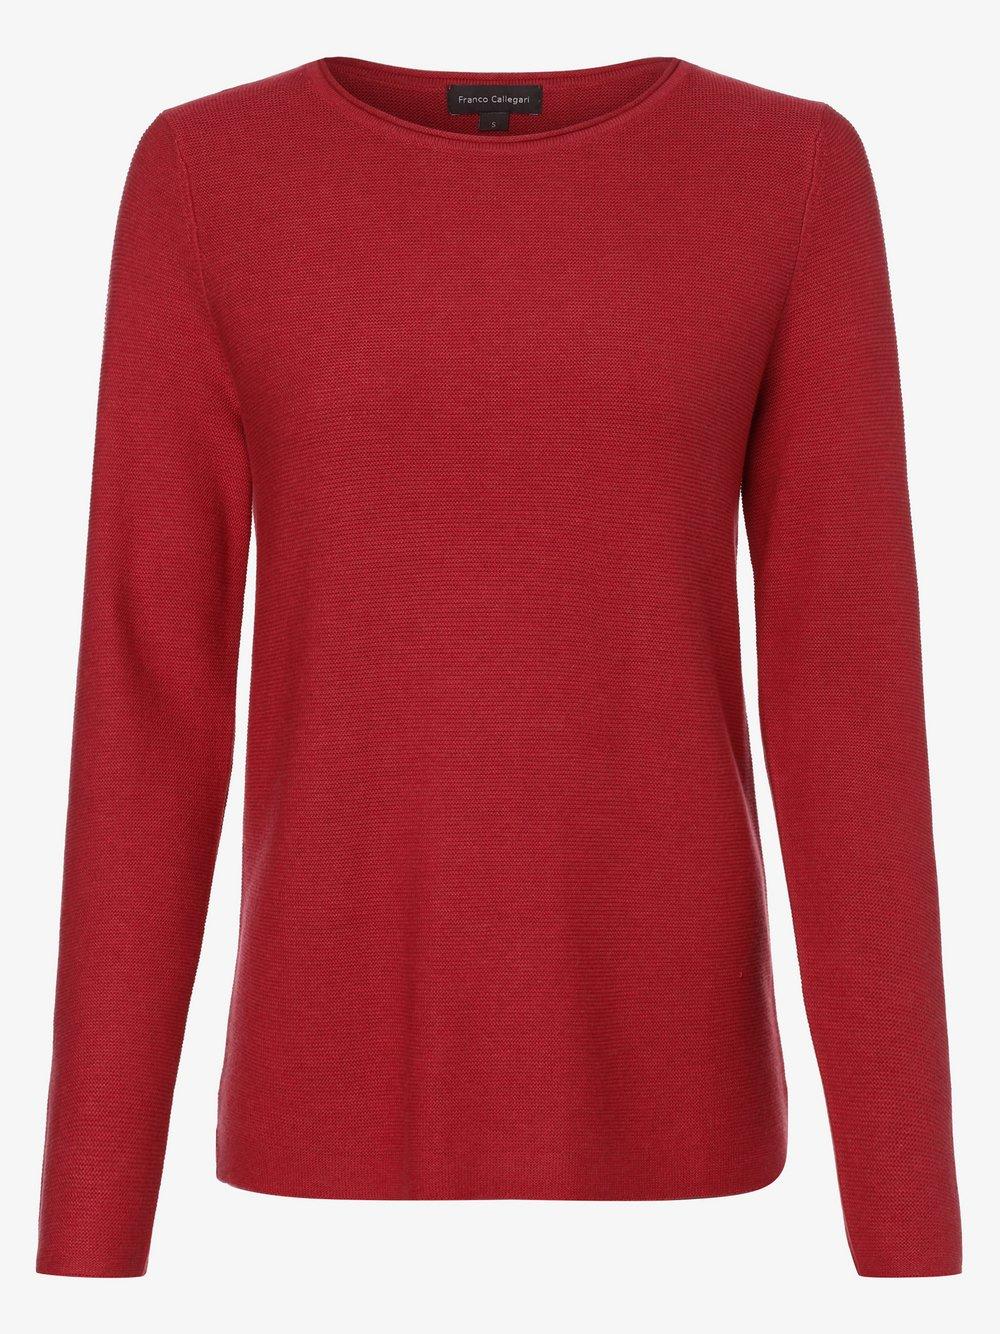 Franco Callegari - Sweter damski, czerwony